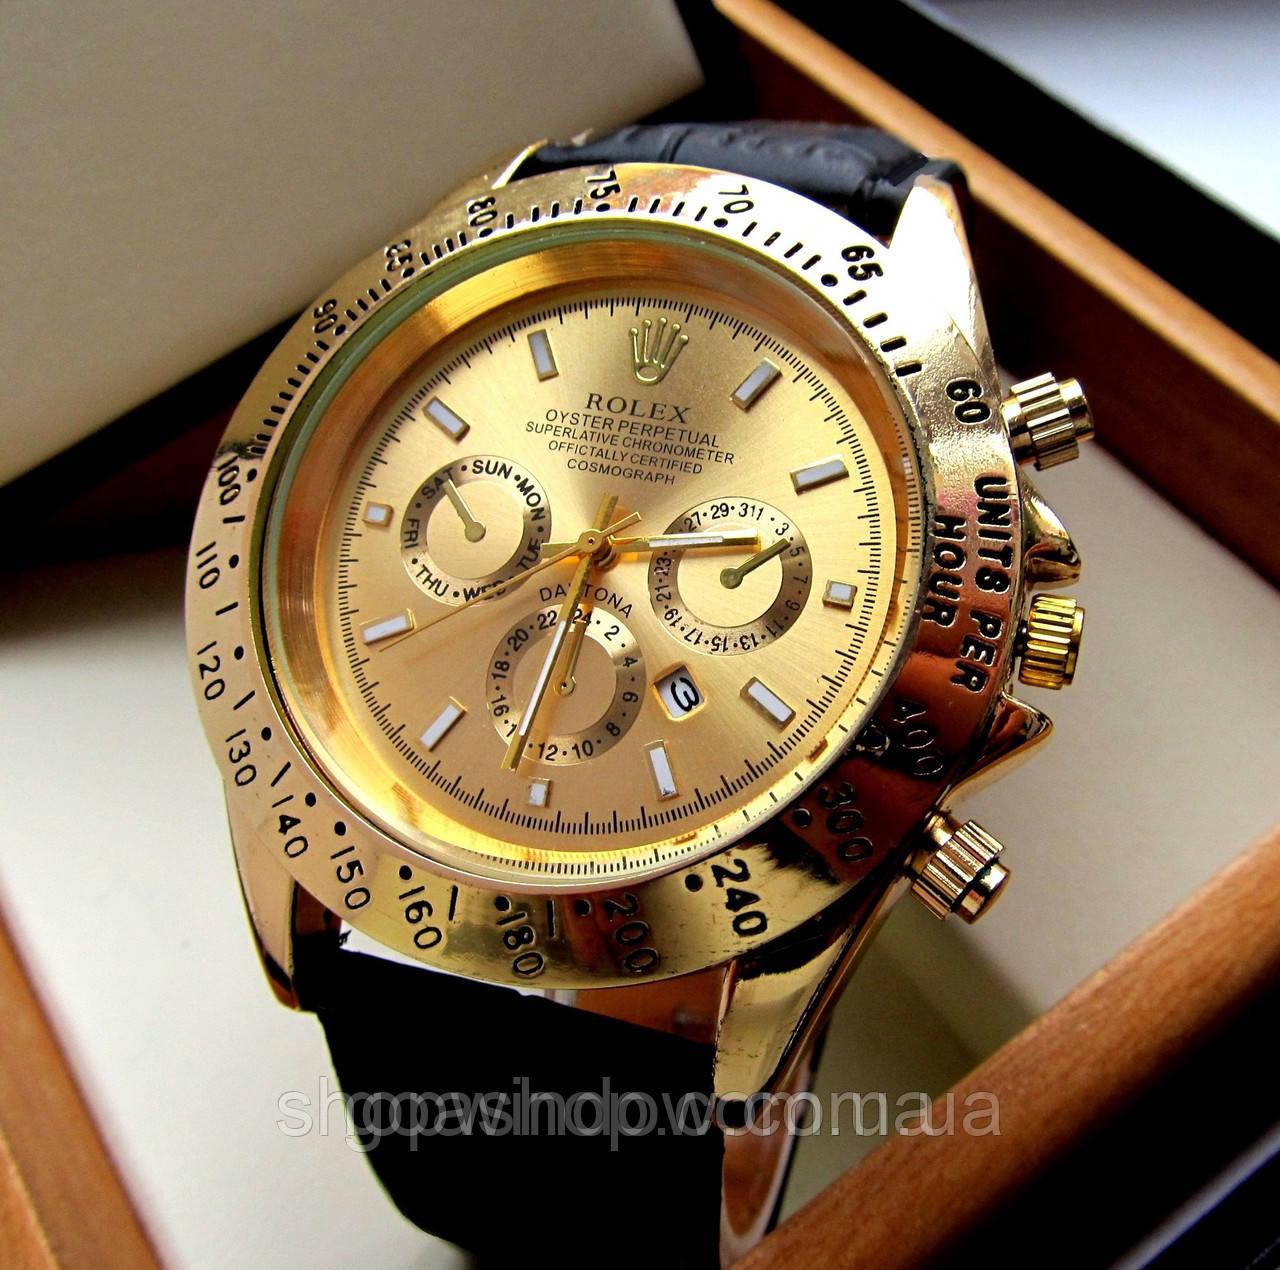 45960e1307b9 Часы rolex daytona. Купить ролекс. Купить часы rolex daytona. Магазин  мужских часов.